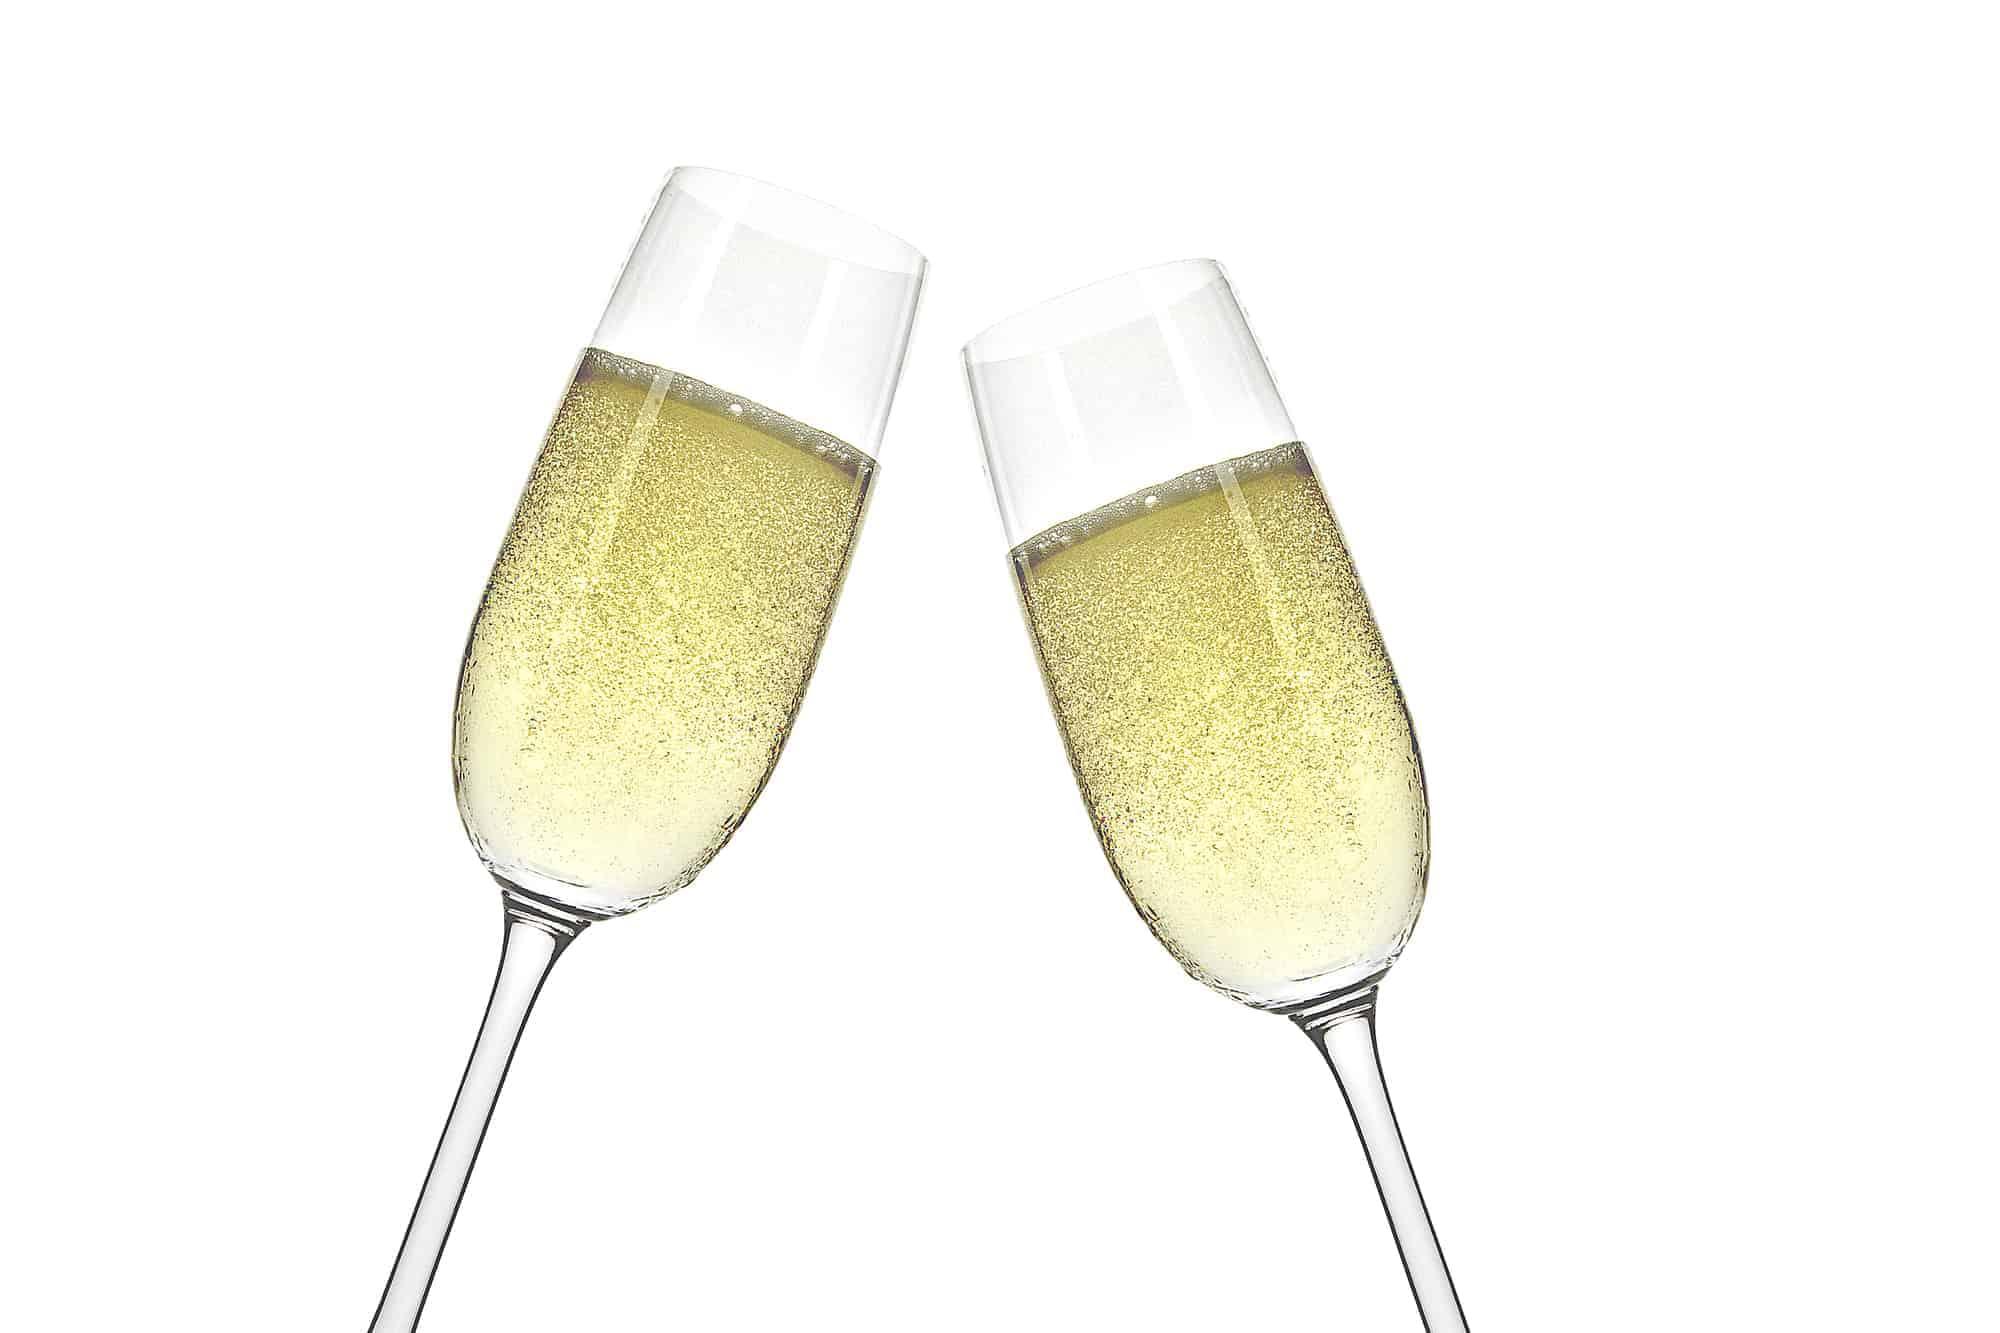 saving dinner wine glass clipart for silhouette wine glass clip art silhouette